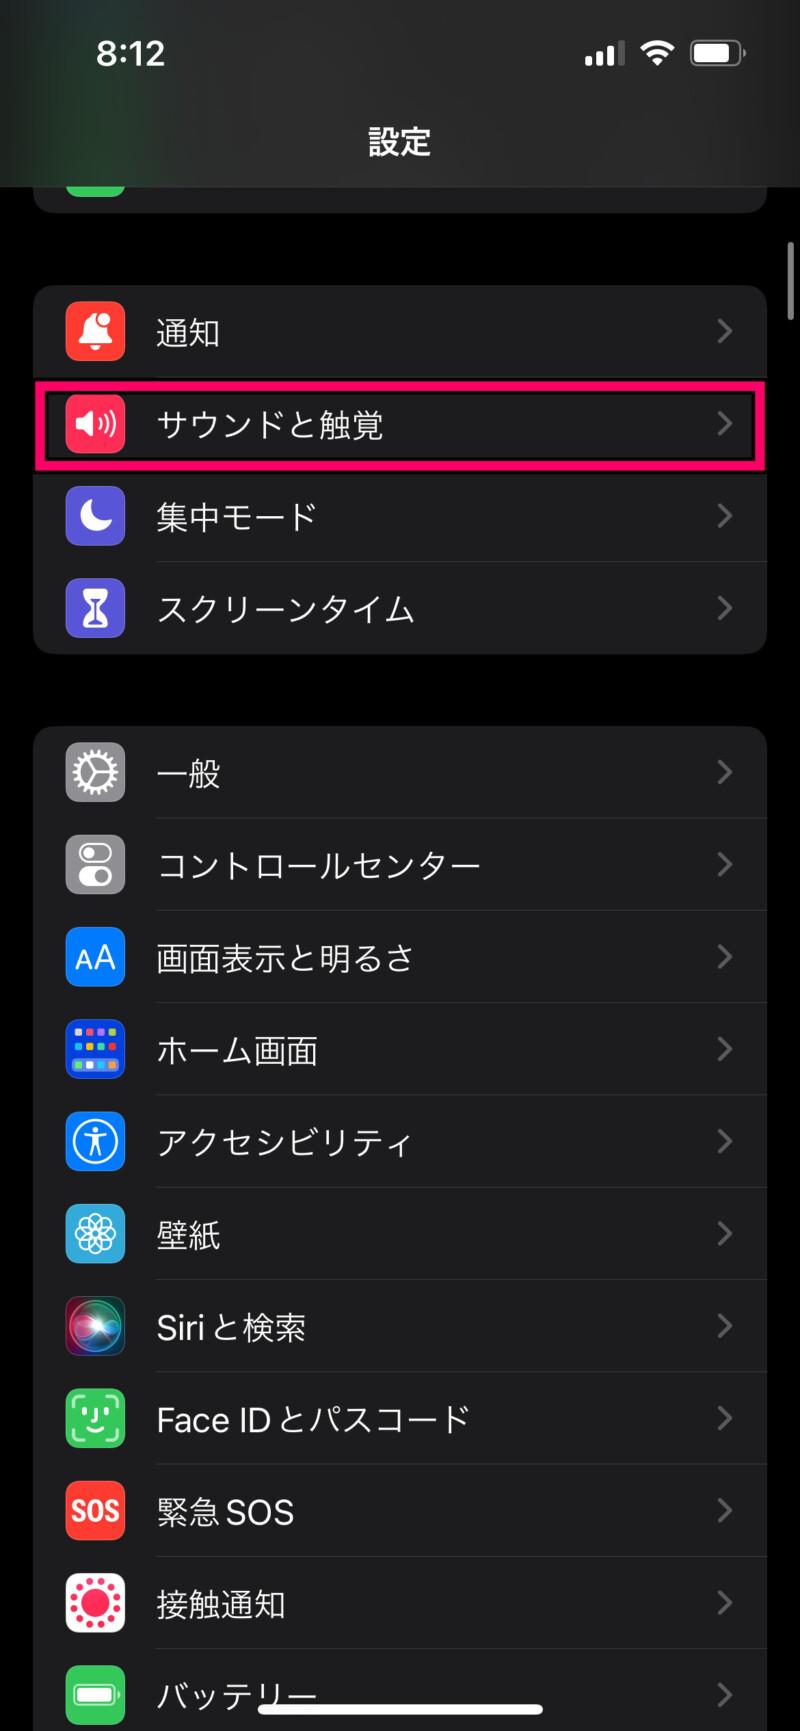 iPhoneのバイブレーション設定を変更する方法1